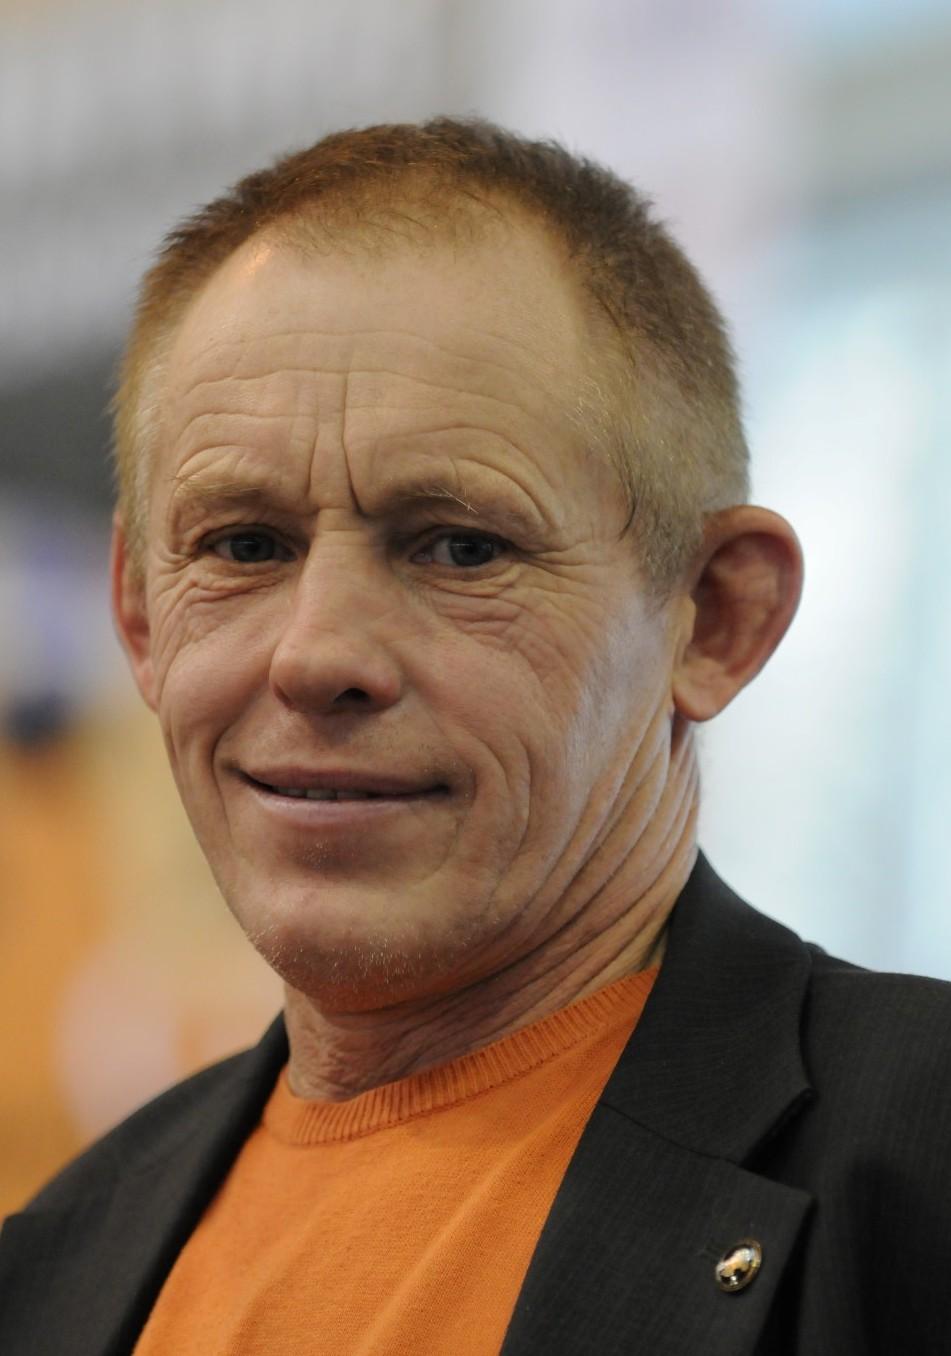 Šiandien puiki proga pasveikinti Aldonį Blekaitį – jam sukako 55-eri!